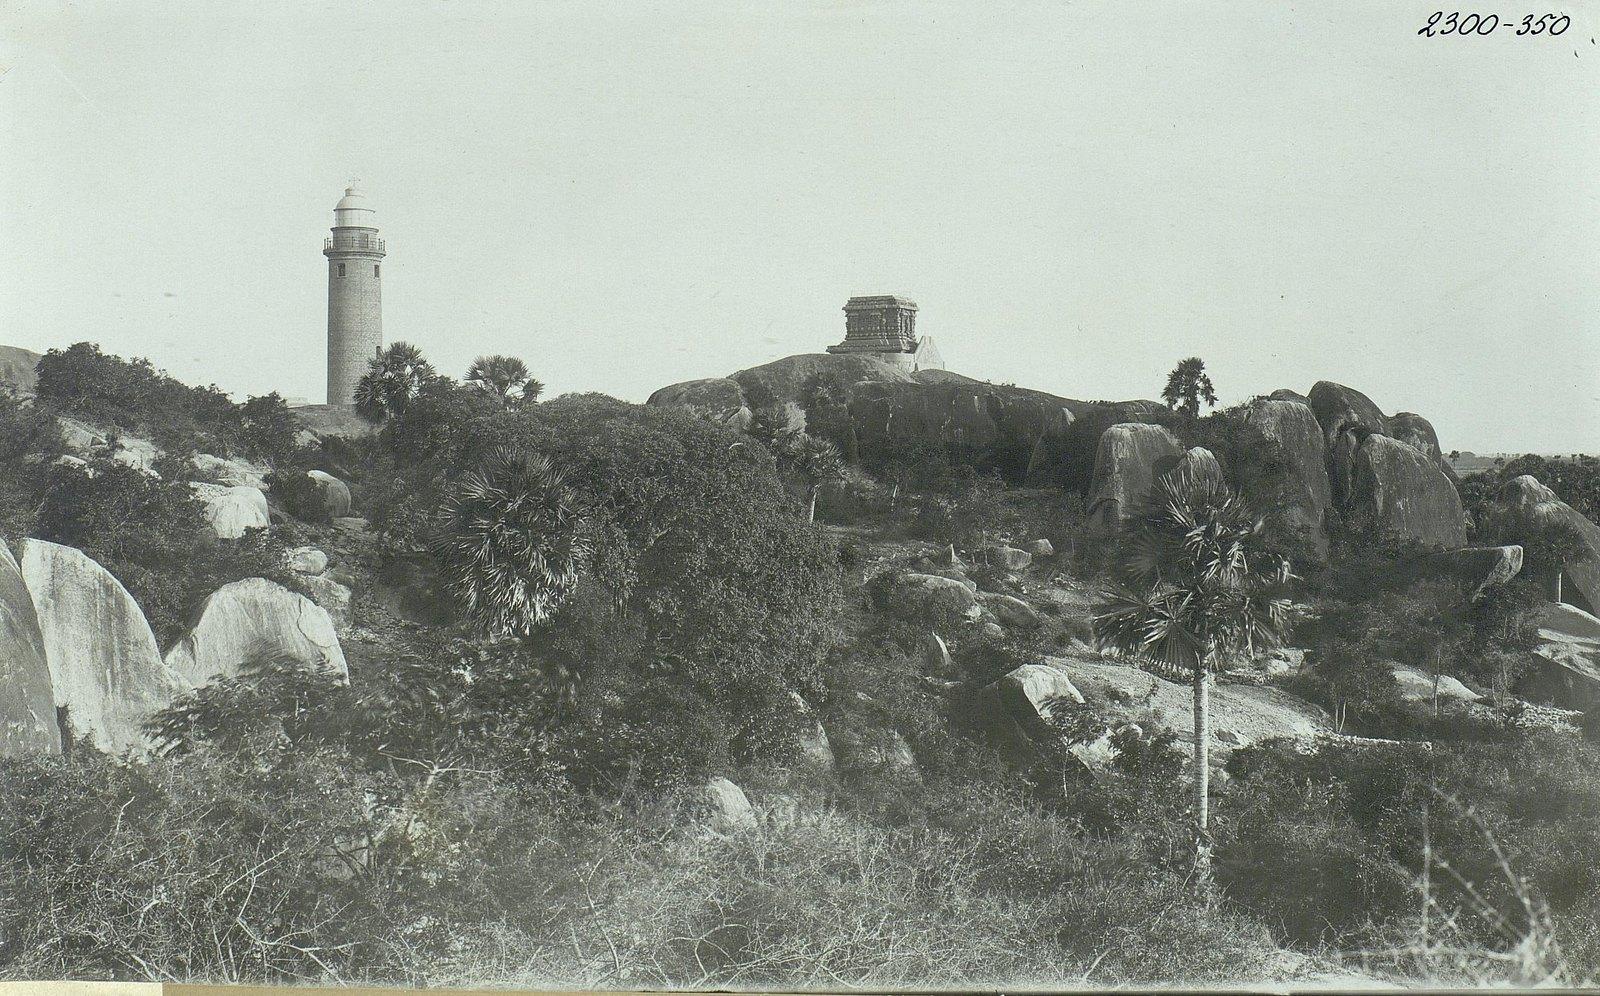 Мамаллапур (общий вид местности, в которой находятся храмы) (3)